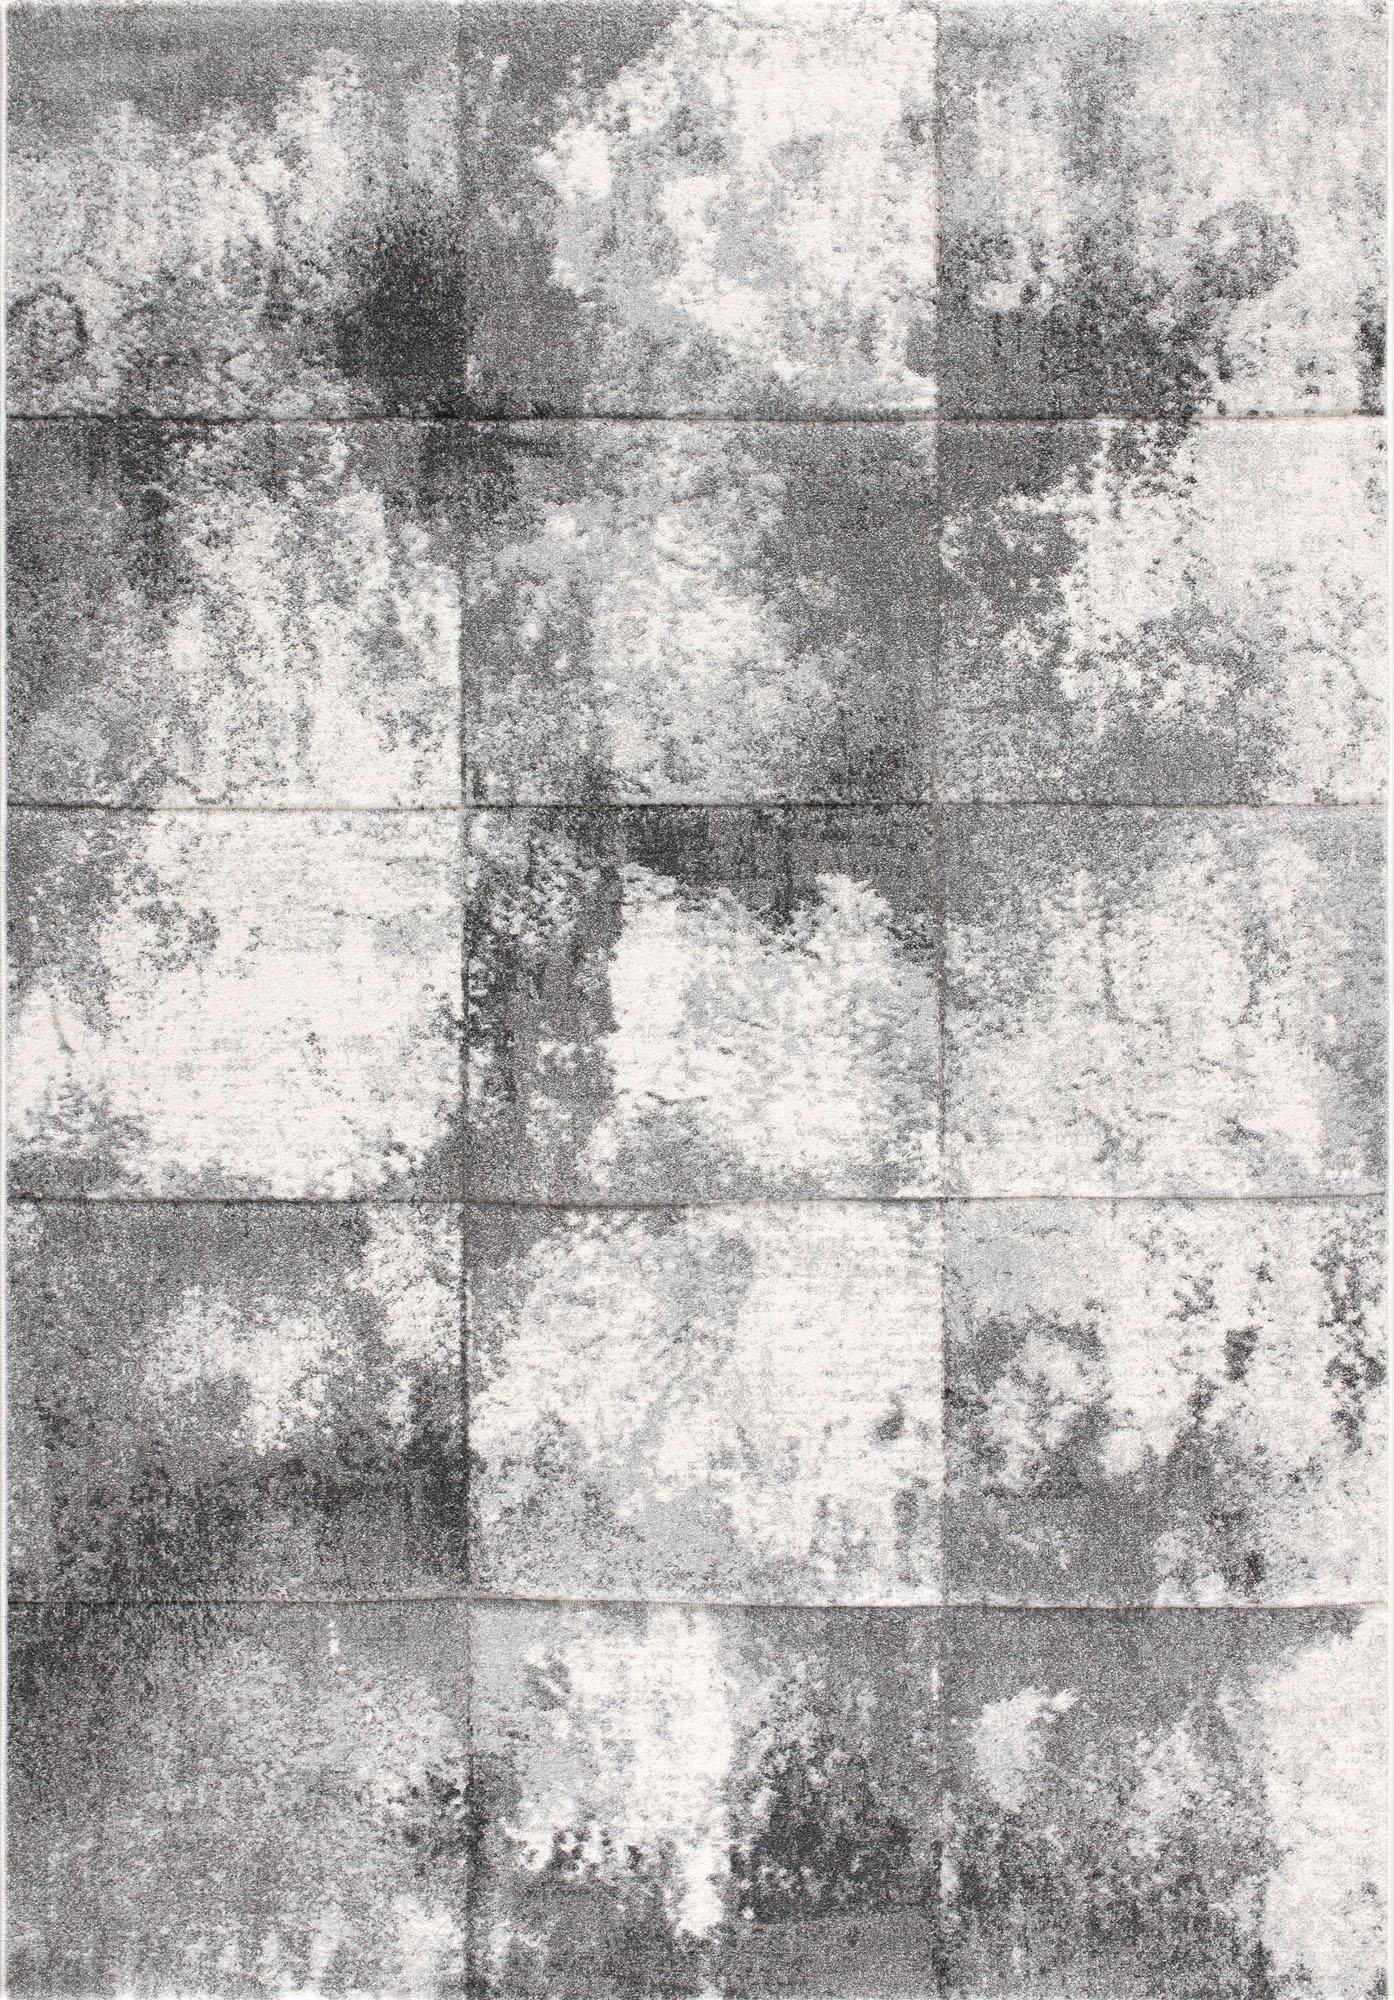 SANAT HALI vloerkleed Lorena 2902 met de hand gesneden reliëfpatroon, woonkamer bestellen: 30 dagen bedenktijd